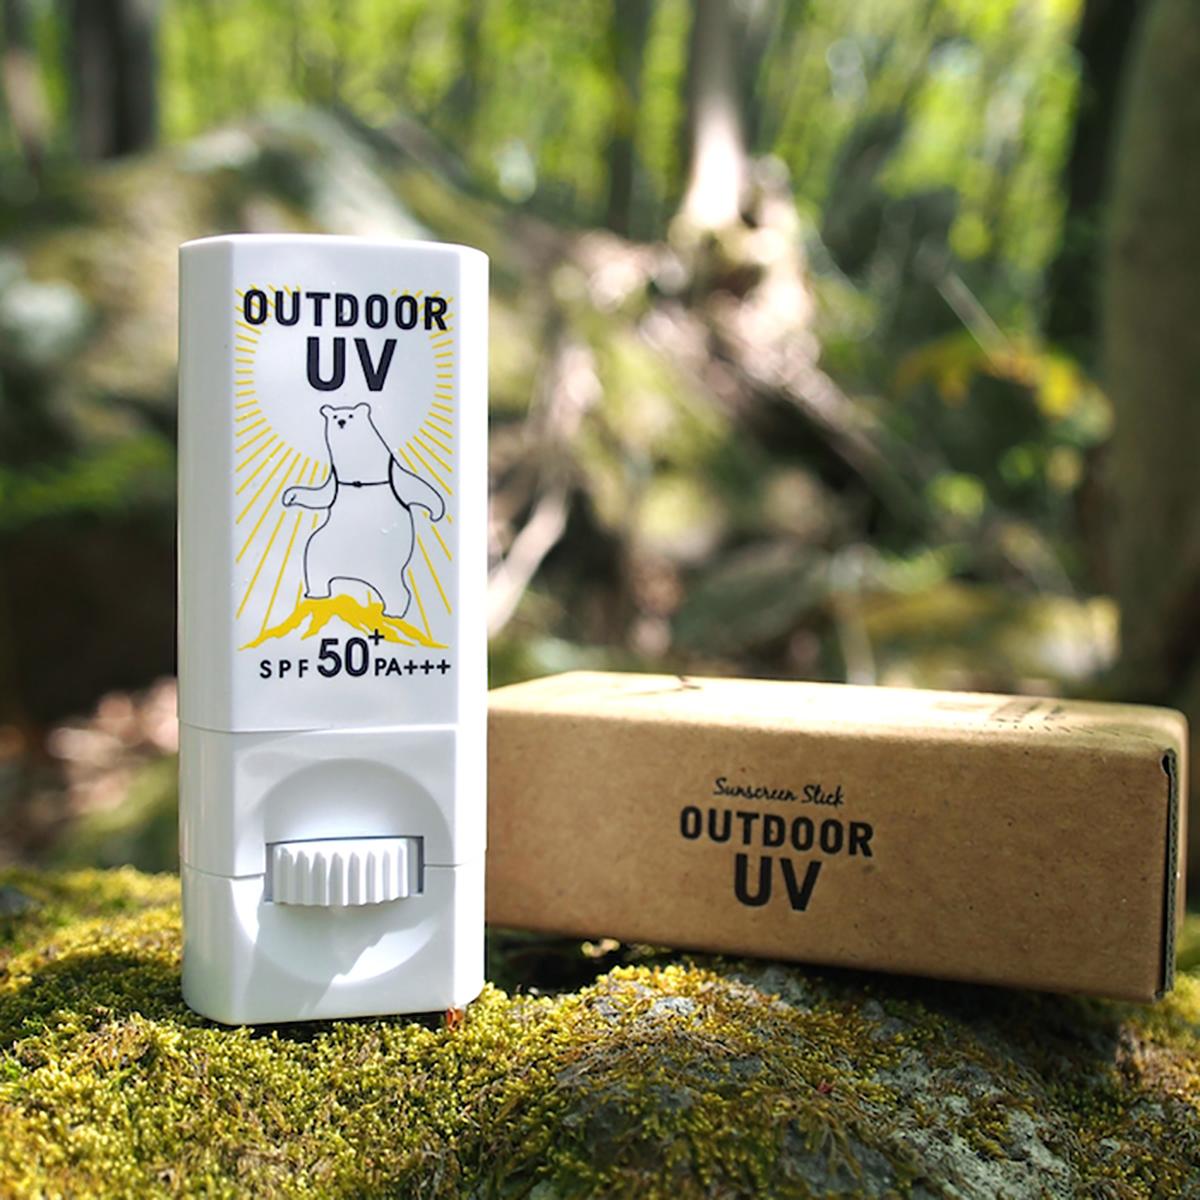 手を汚さずに塗れる日焼け止め 肌老化の80%は紫外線 - 紫外線を気にせずに夏を満喫する「スティック型」日焼け止め   OUTDOOR UV